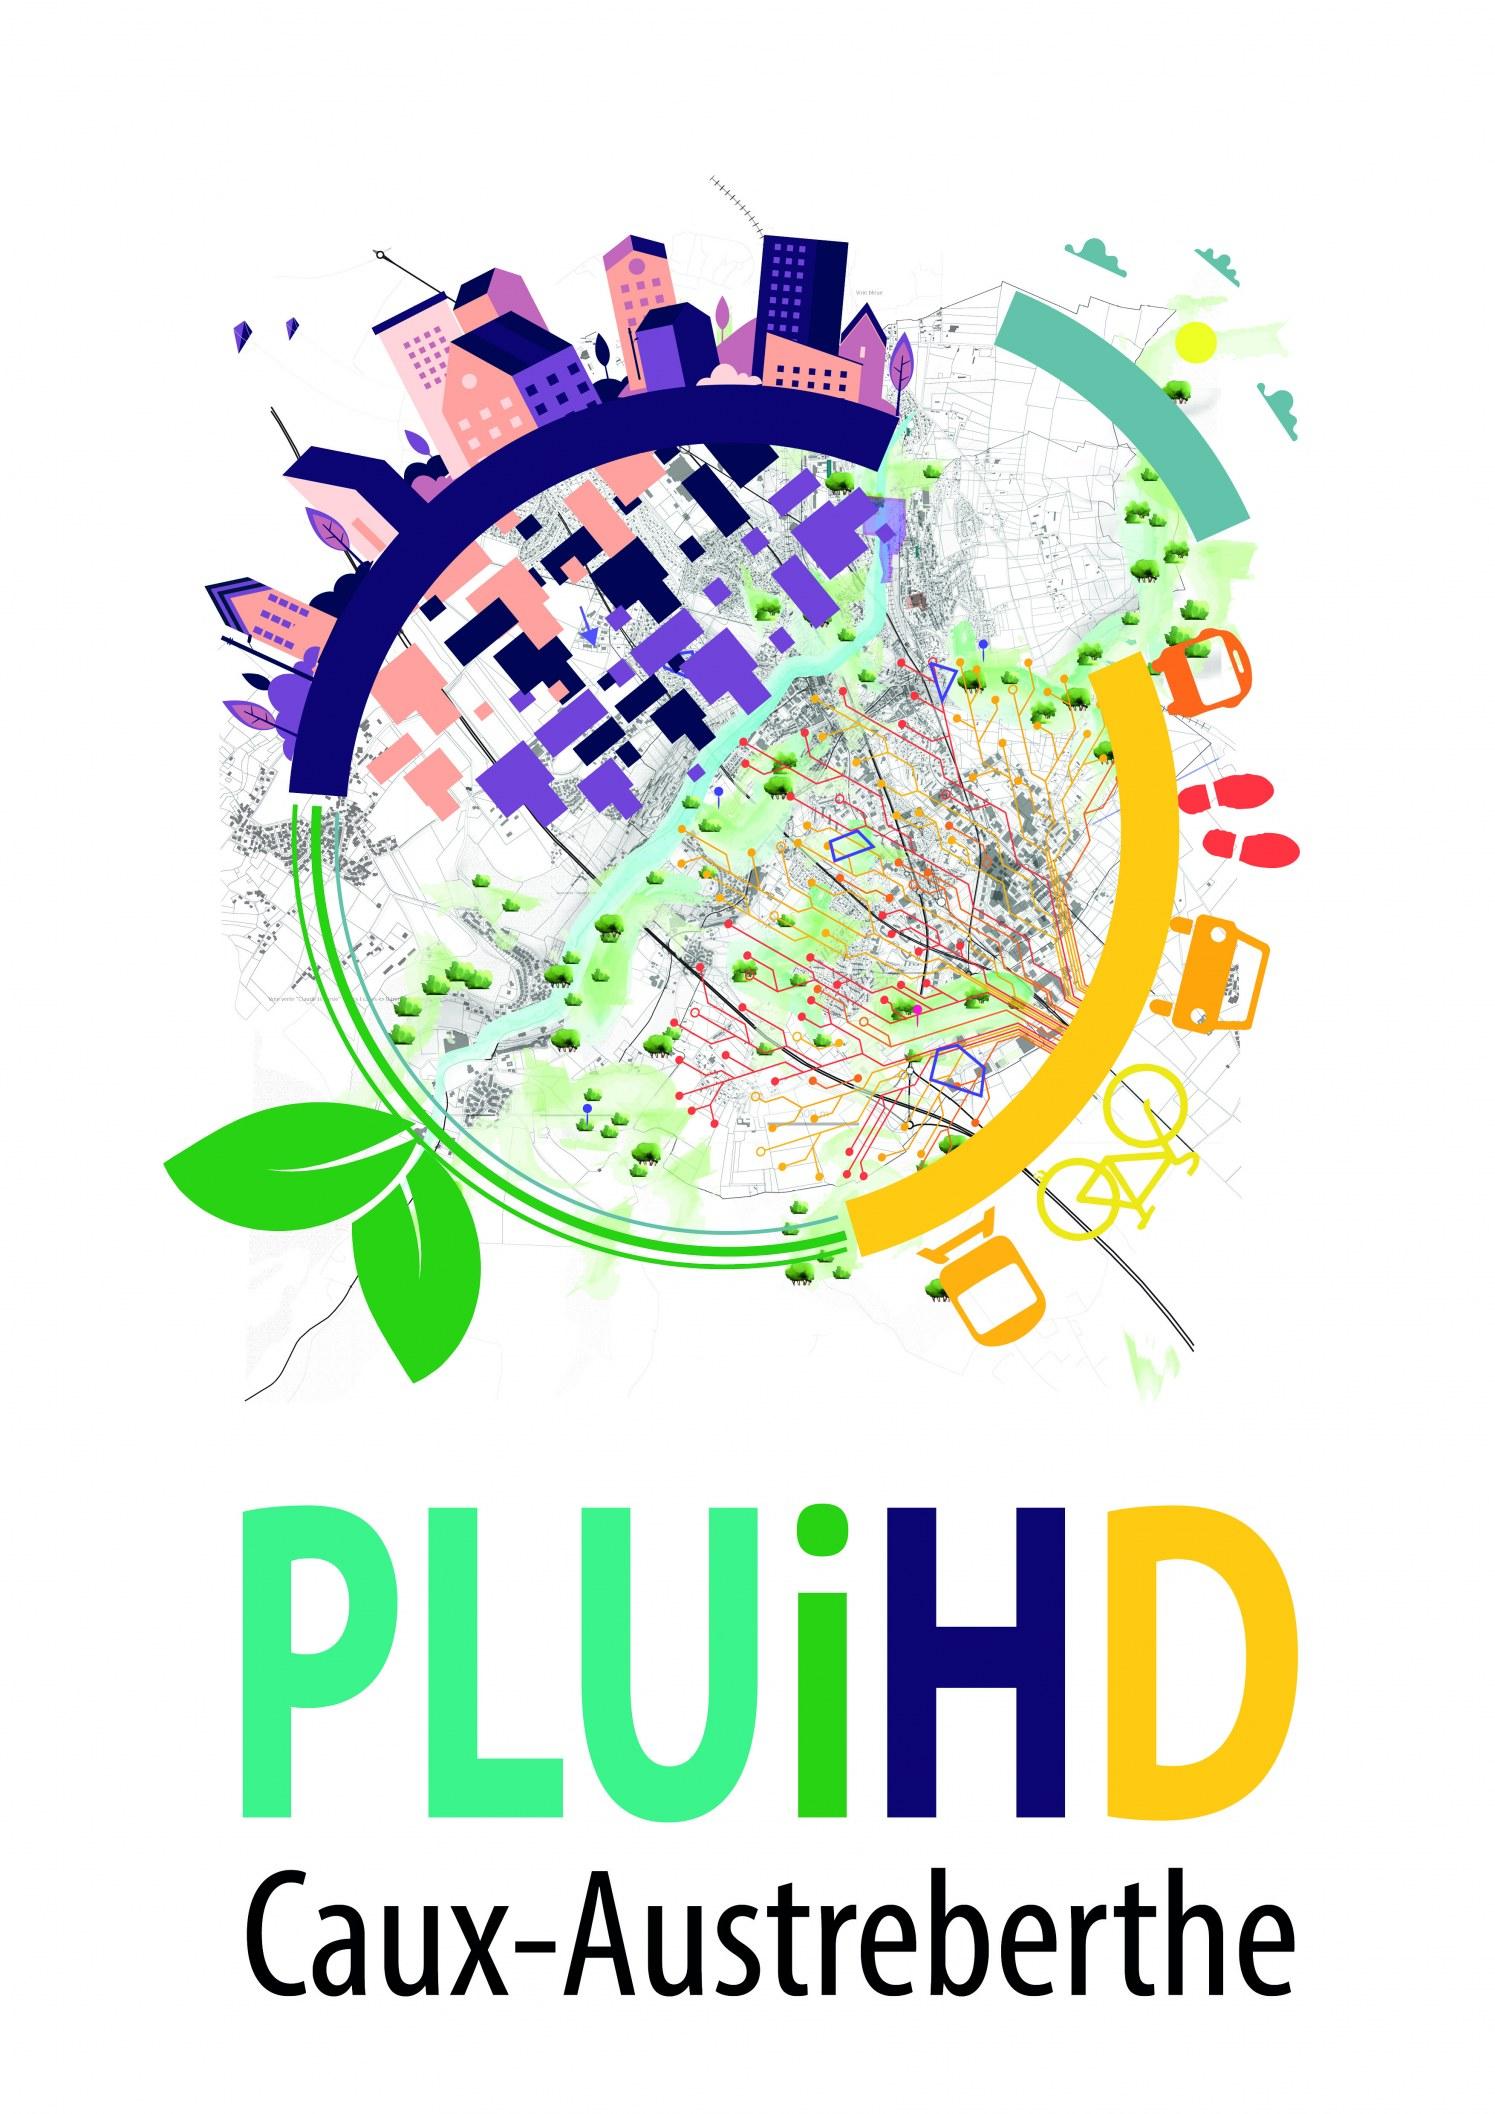 PLUIHD_VISUELS